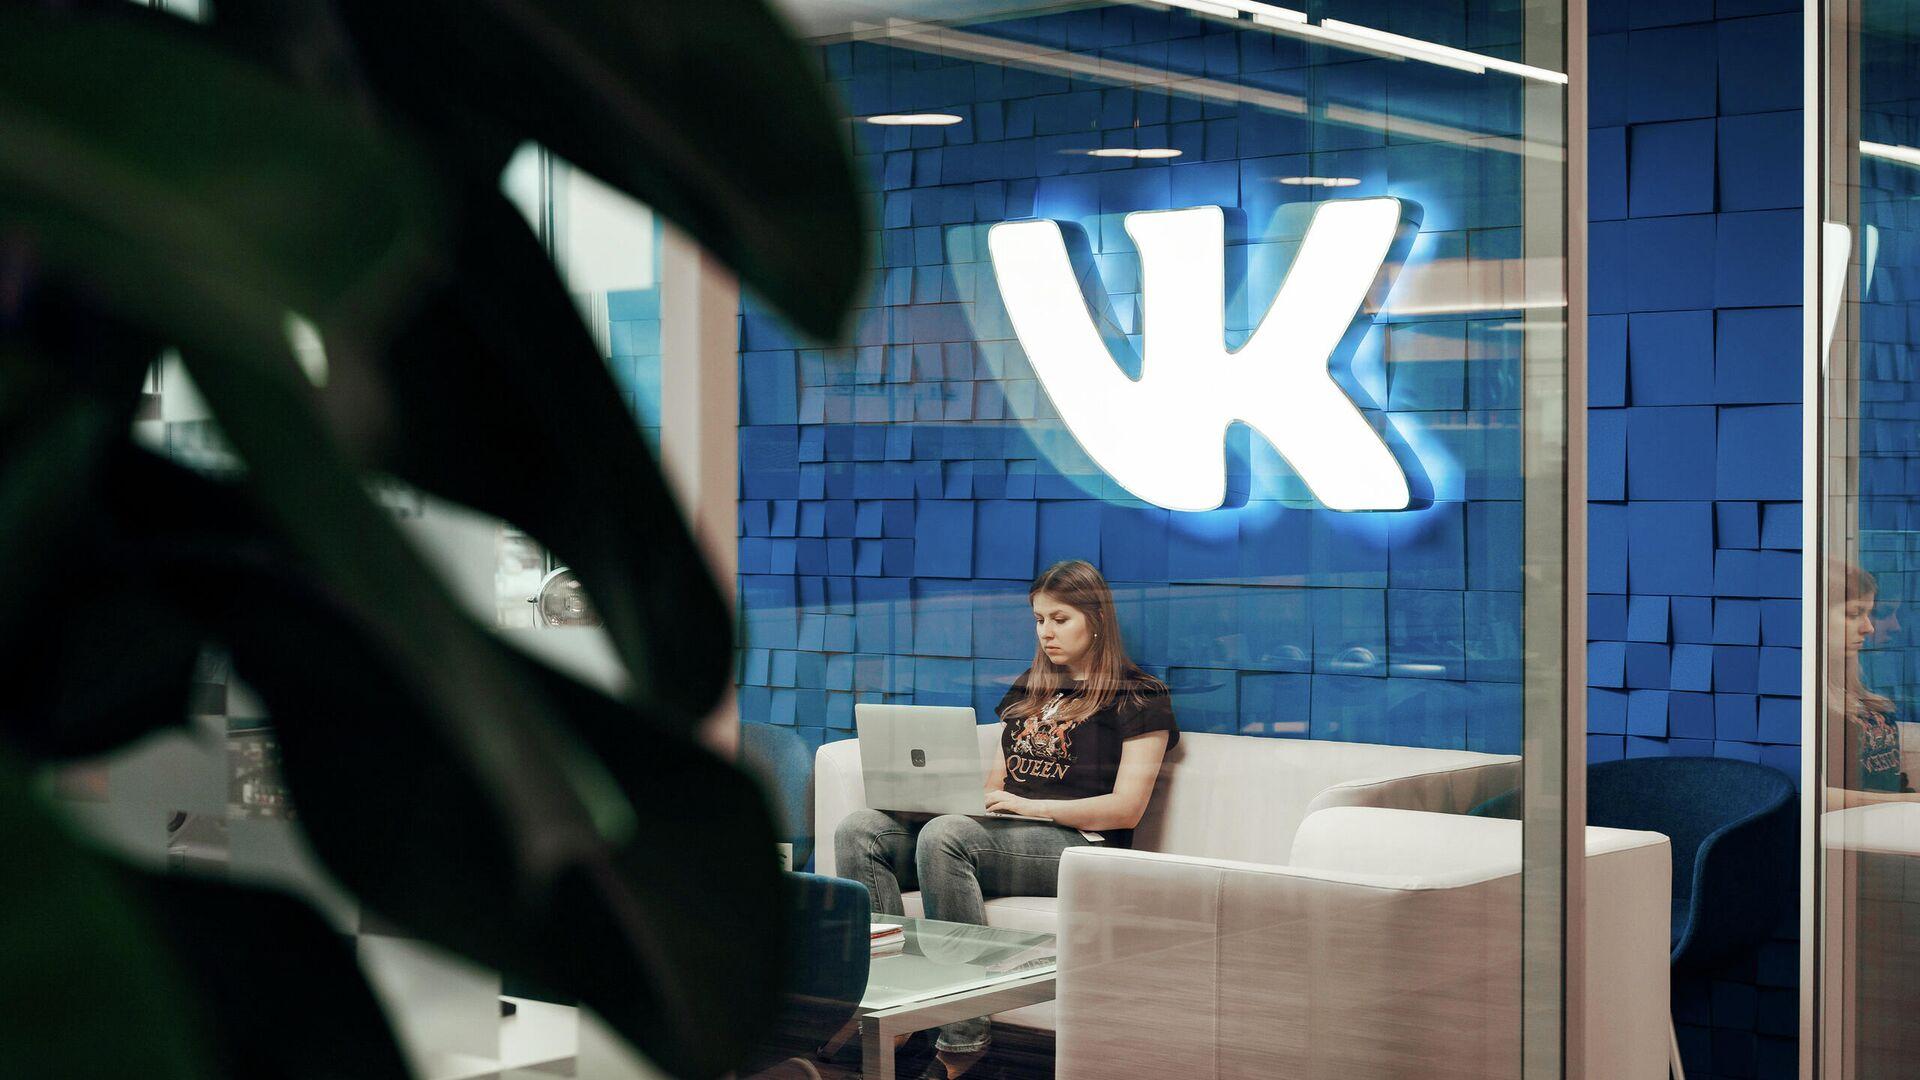 Офис ВКонтакте - РИА Новости, 1920, 09.03.2021